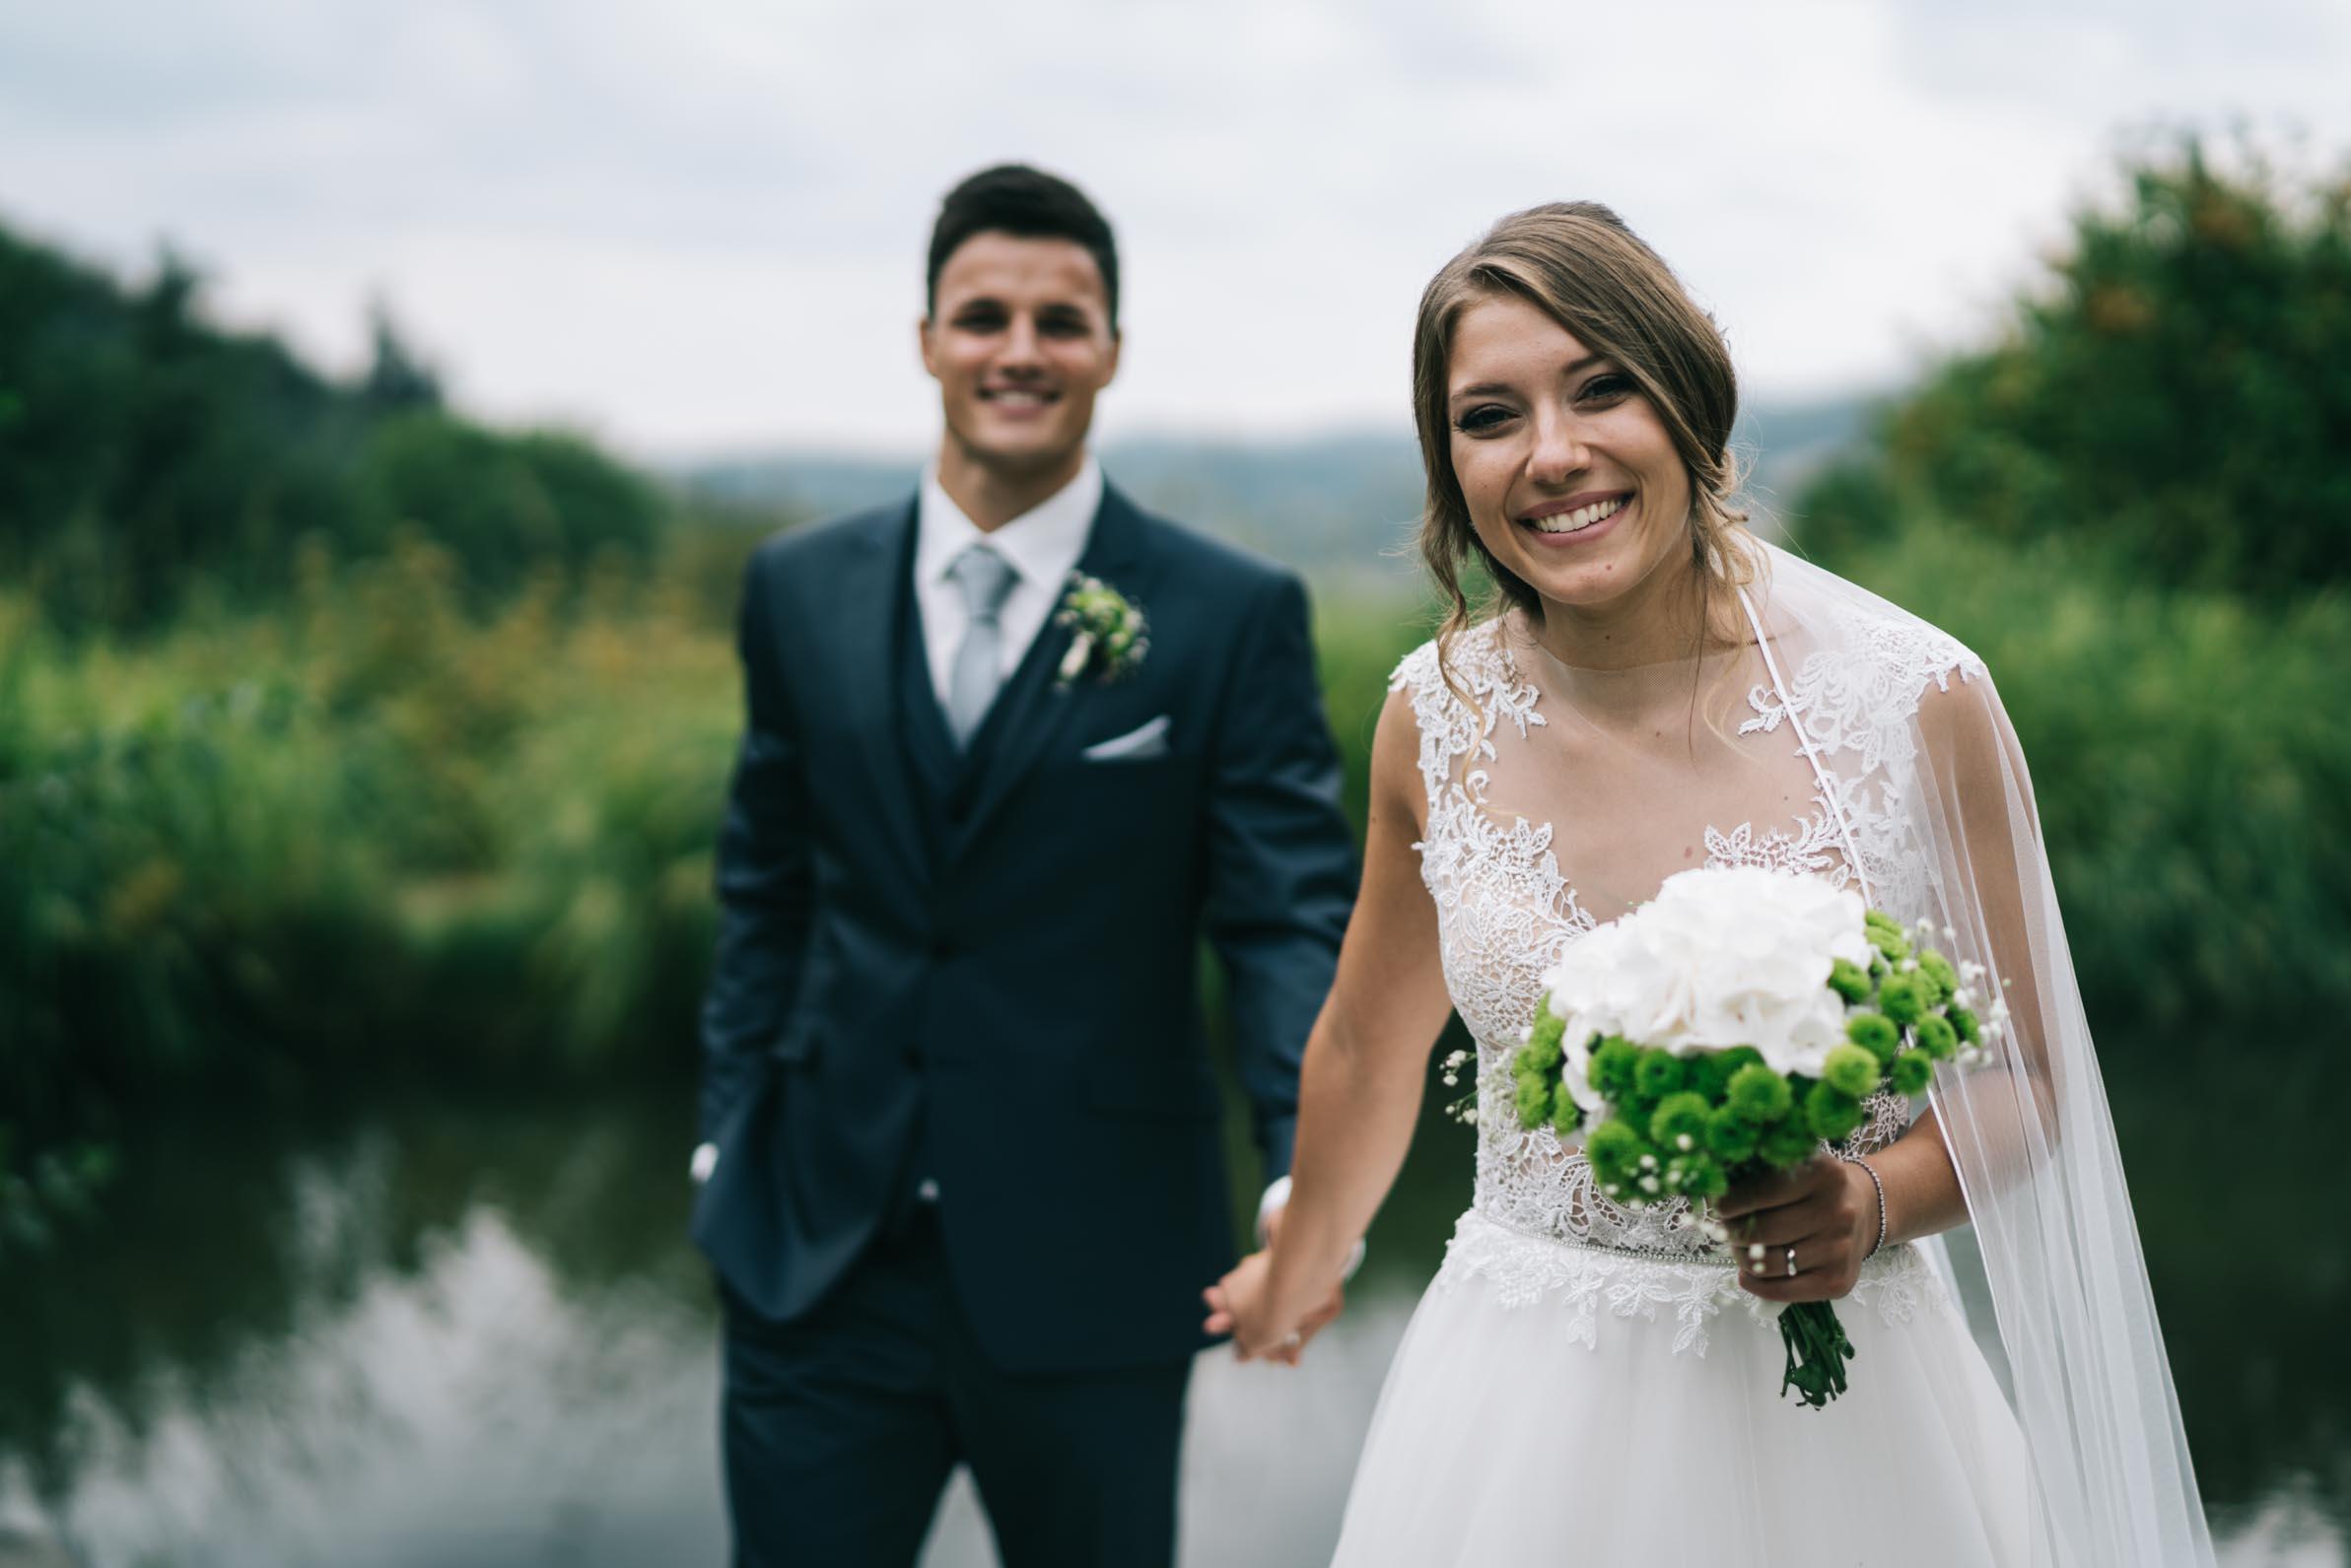 Das Brautpaar geht Hand in Hand auf einem Steg.